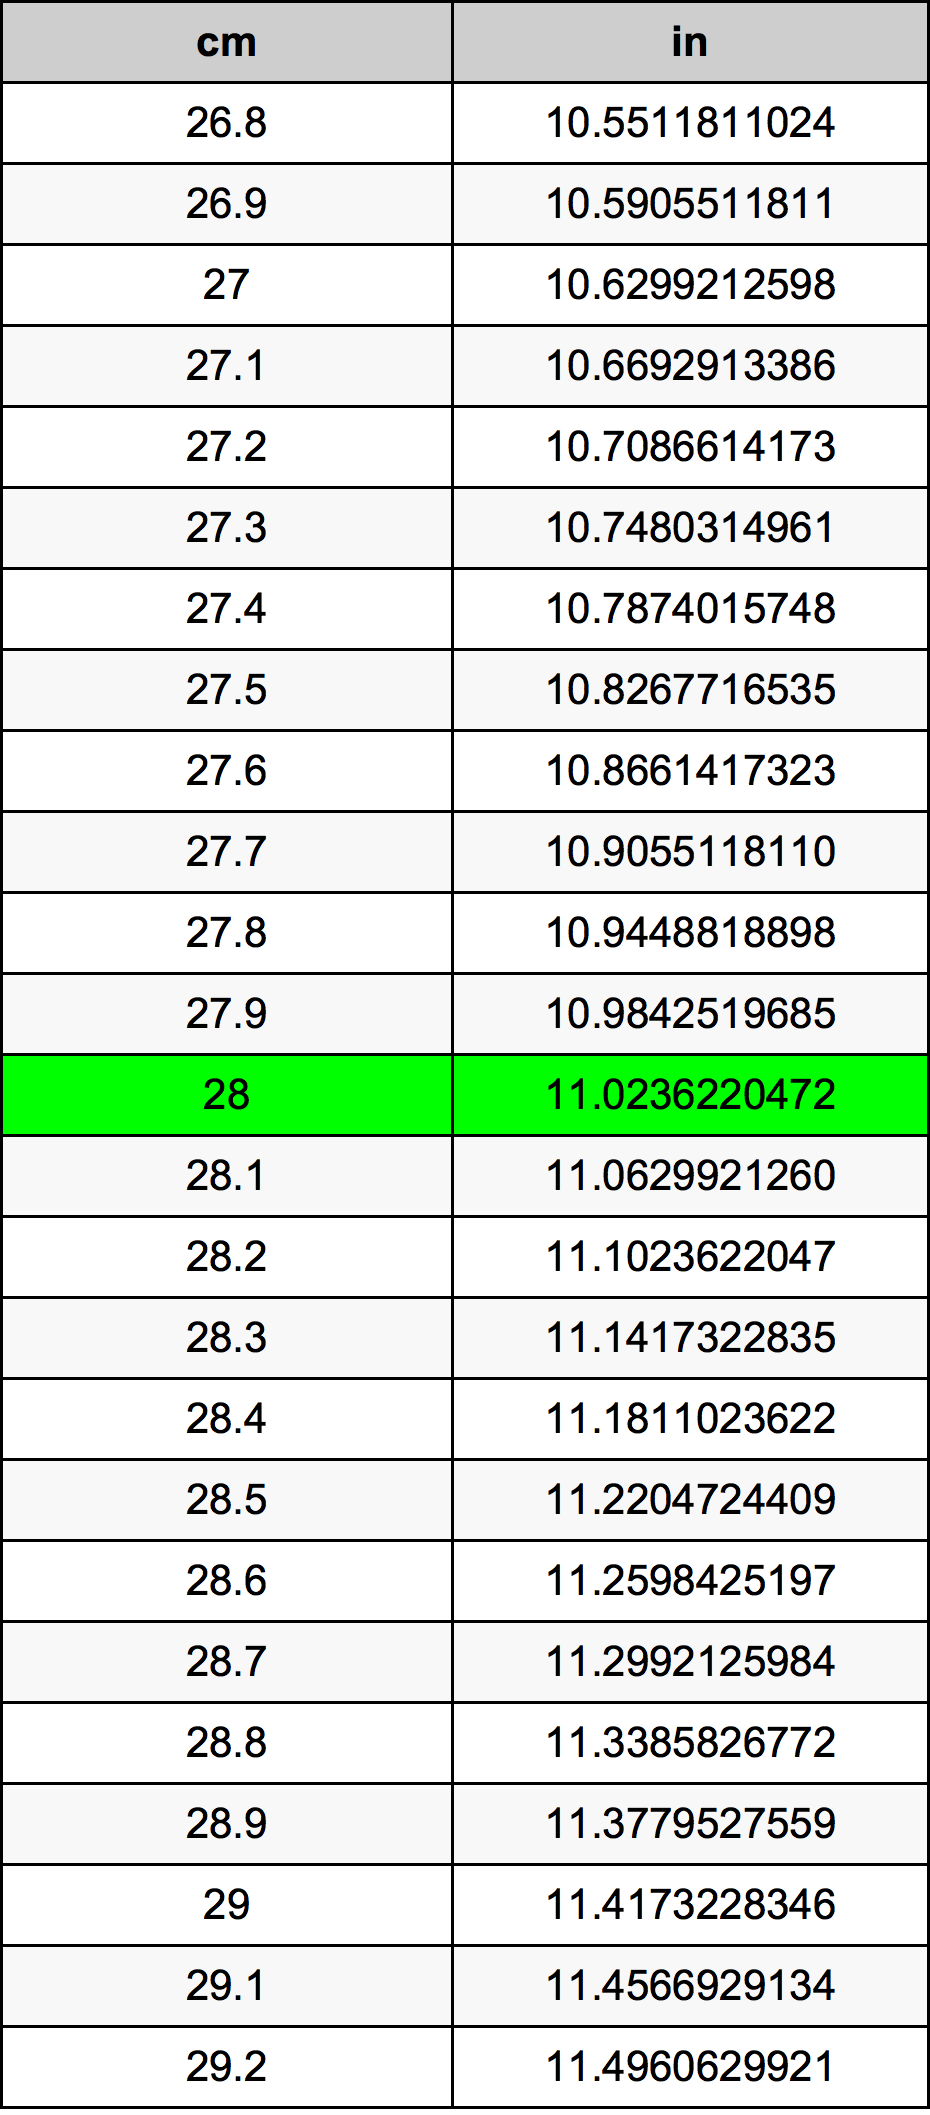 28 Centiméter átszámítási táblázat